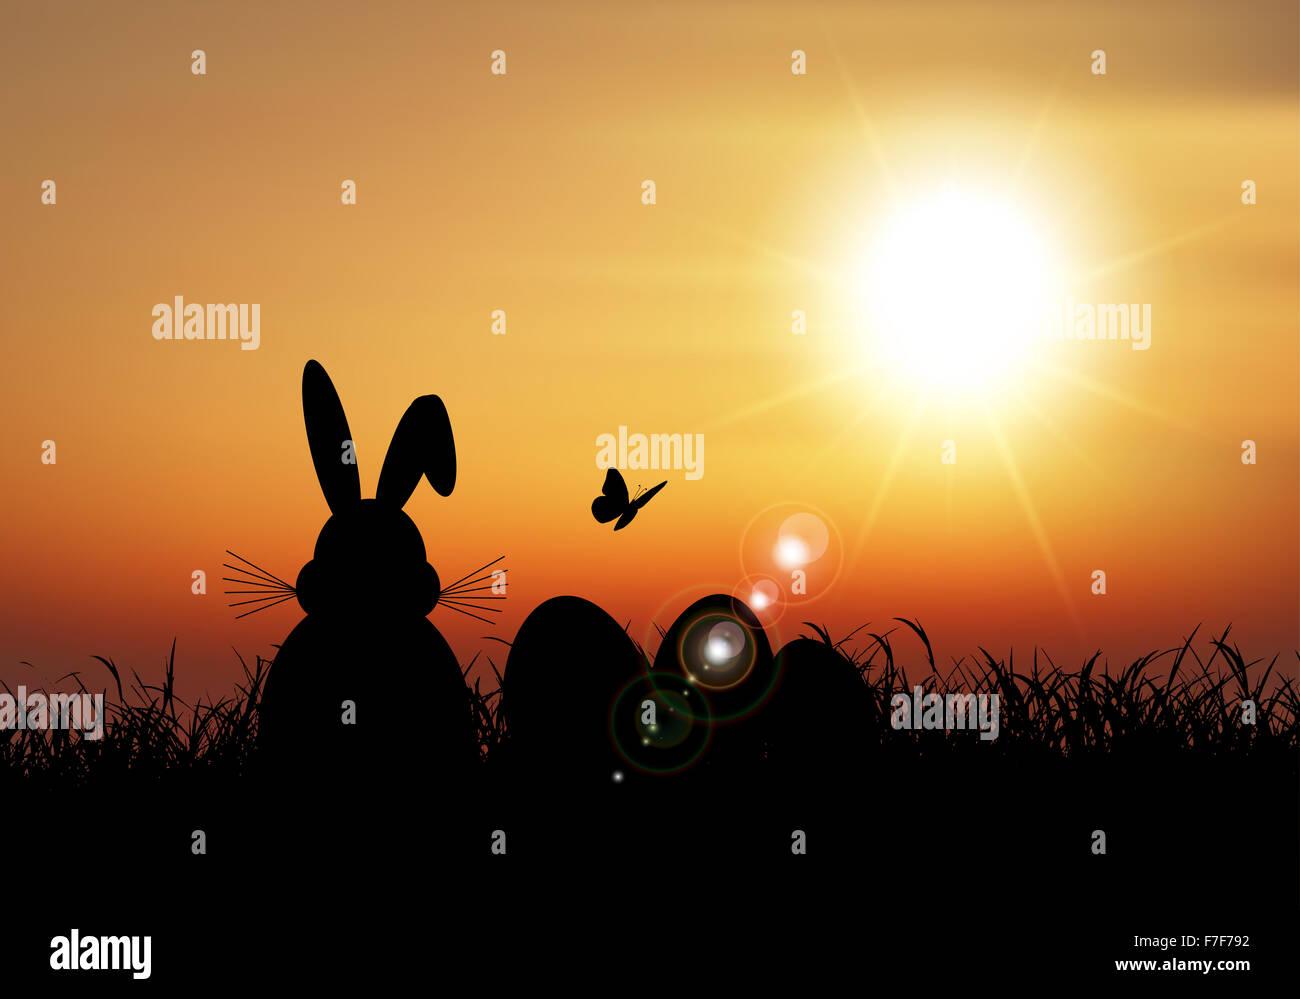 Silhouette del coniglietto di pasqua sat in erba contro un Cielo di tramonto Immagini Stock